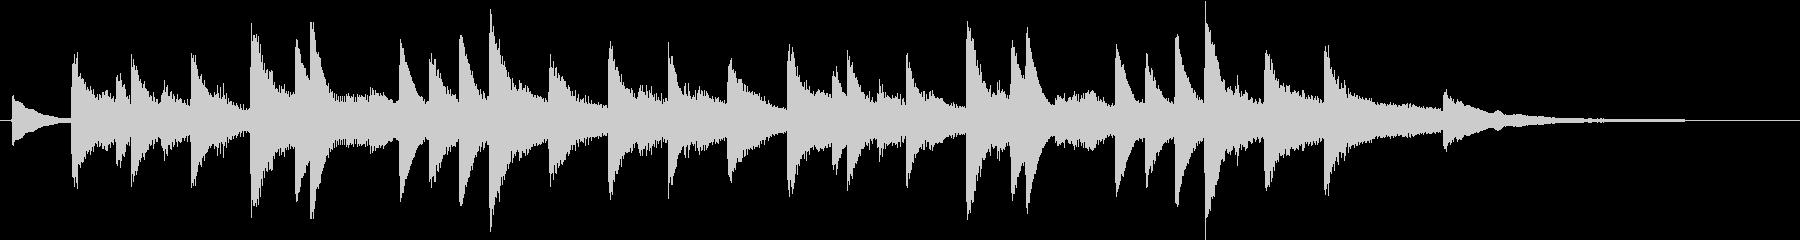 モミの木モチーフXmasピアノジングルDの未再生の波形